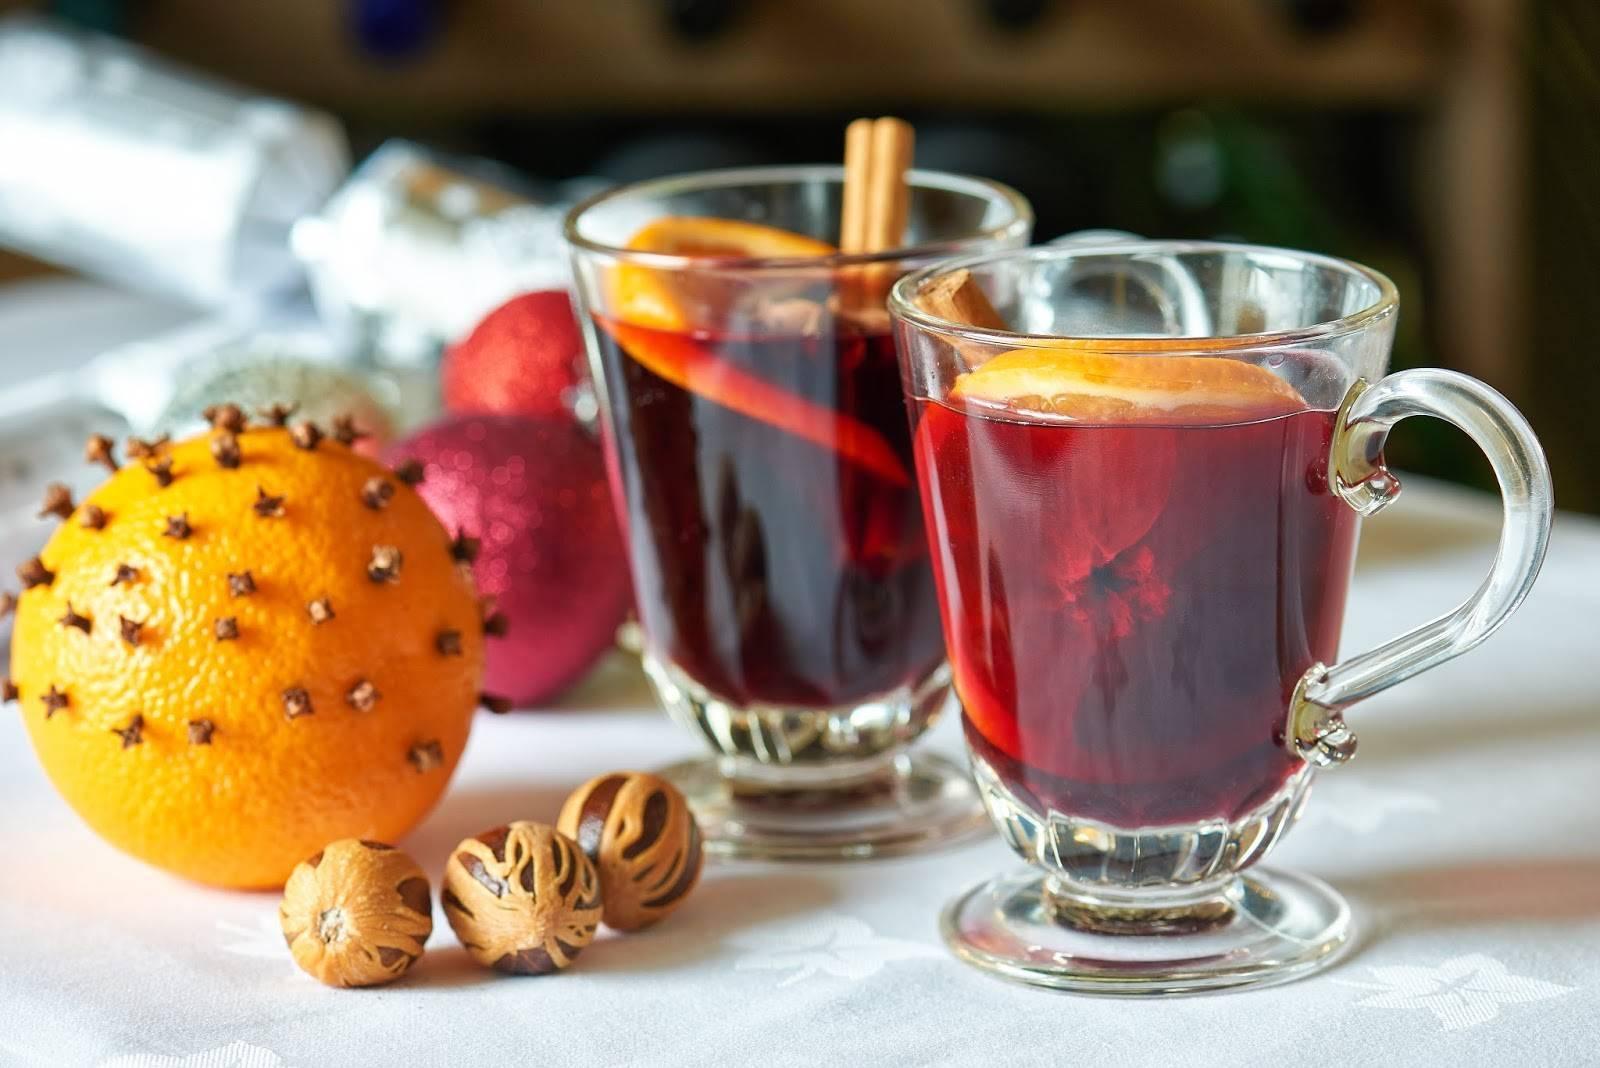 Грог, глинтвейн и пунш: три согревающих коктейля для зимнего настроения. рождественские напитки пунш и глинтвейн. пунш: классический рецепт и безалкогольный вариант